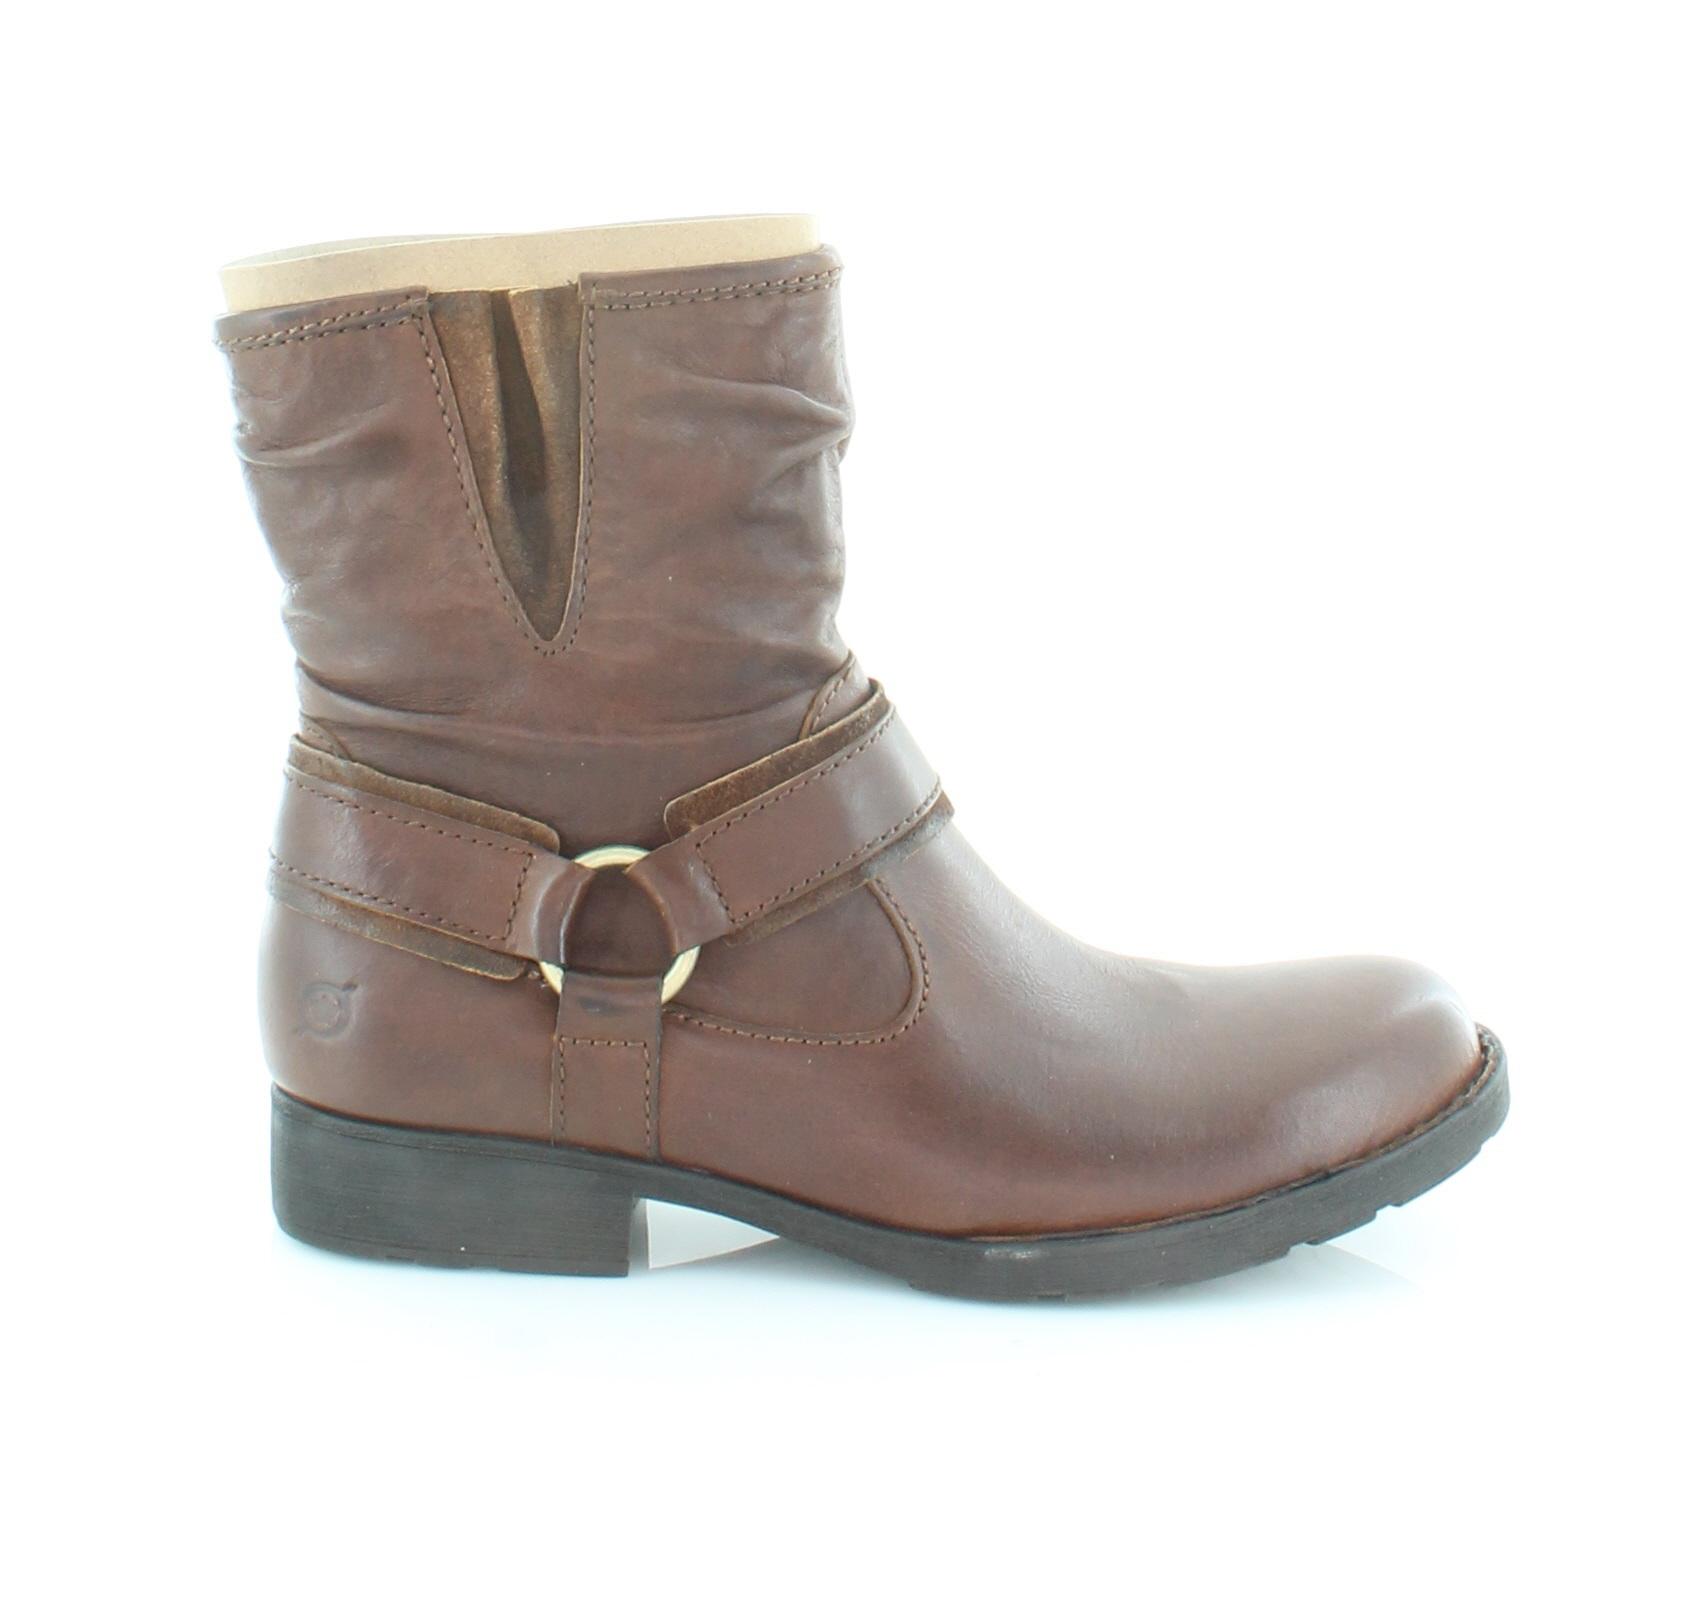 Born Estonia Braun Damenschuhe Größe Schuhes Größe Damenschuhe 7 M Stiefel MSRP 165 ff3863